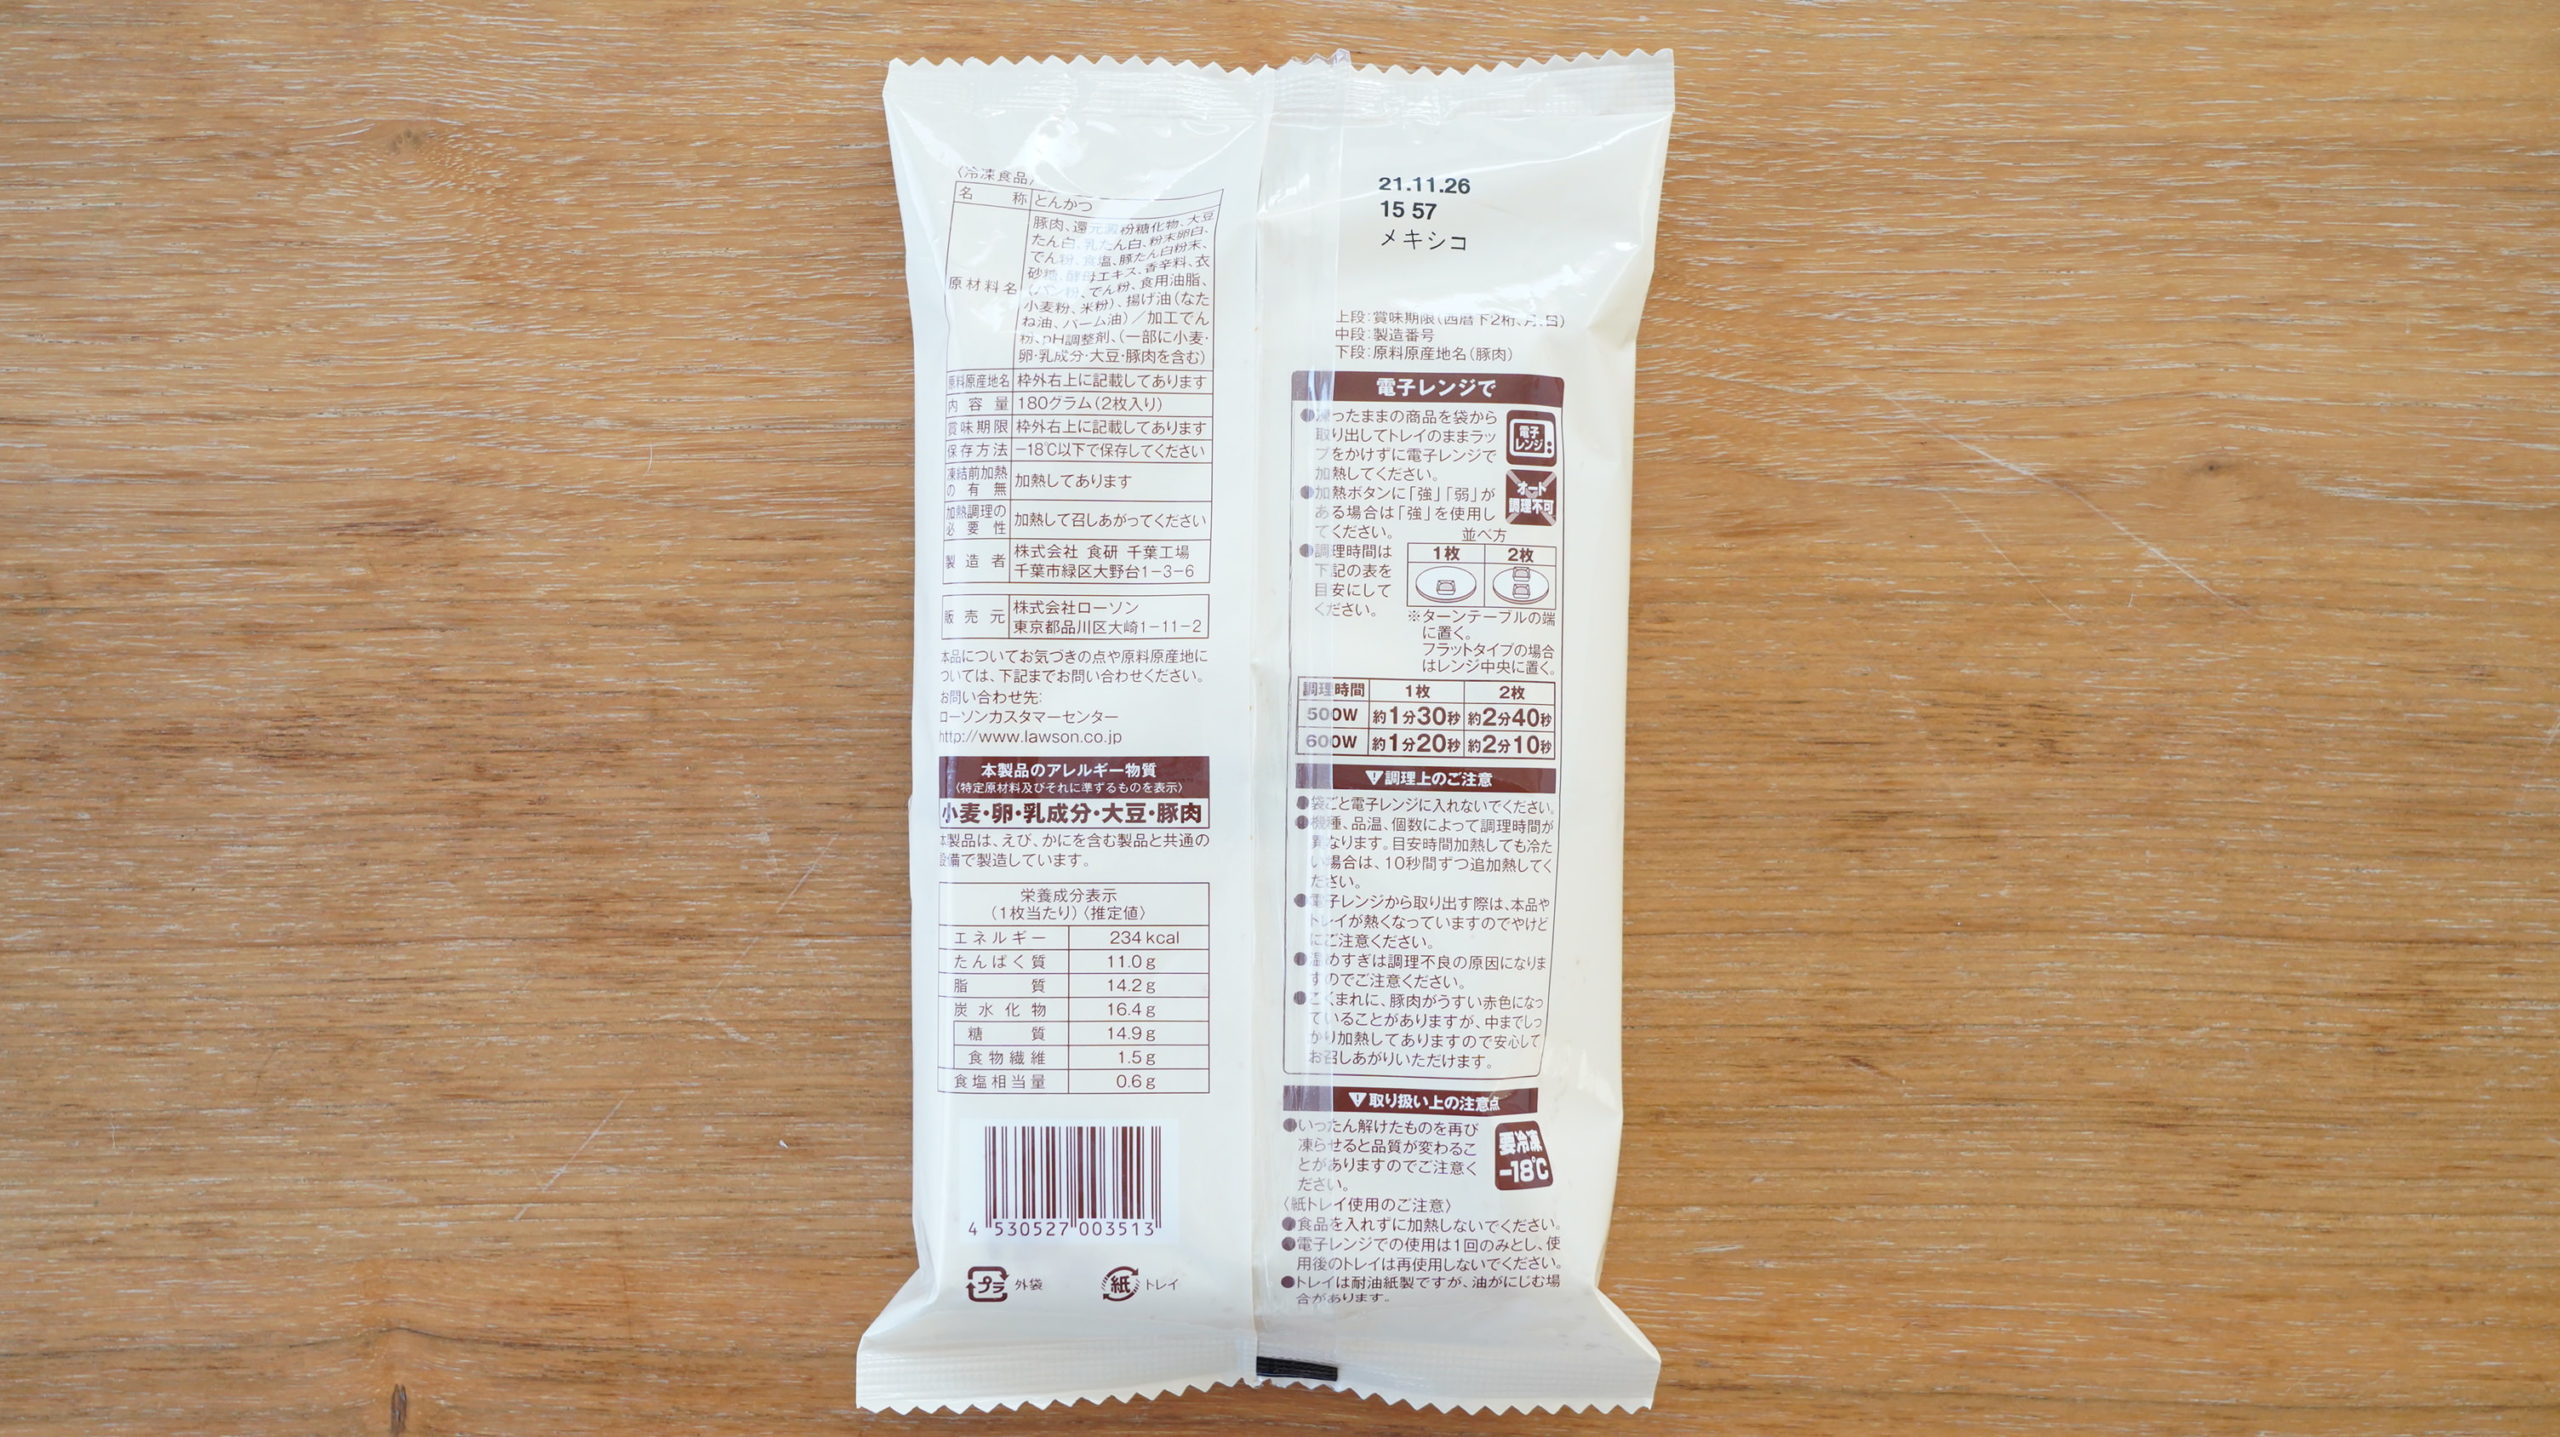 ローソンの冷凍食品「とんかつ・2枚入り」のパッケージ裏面の写真